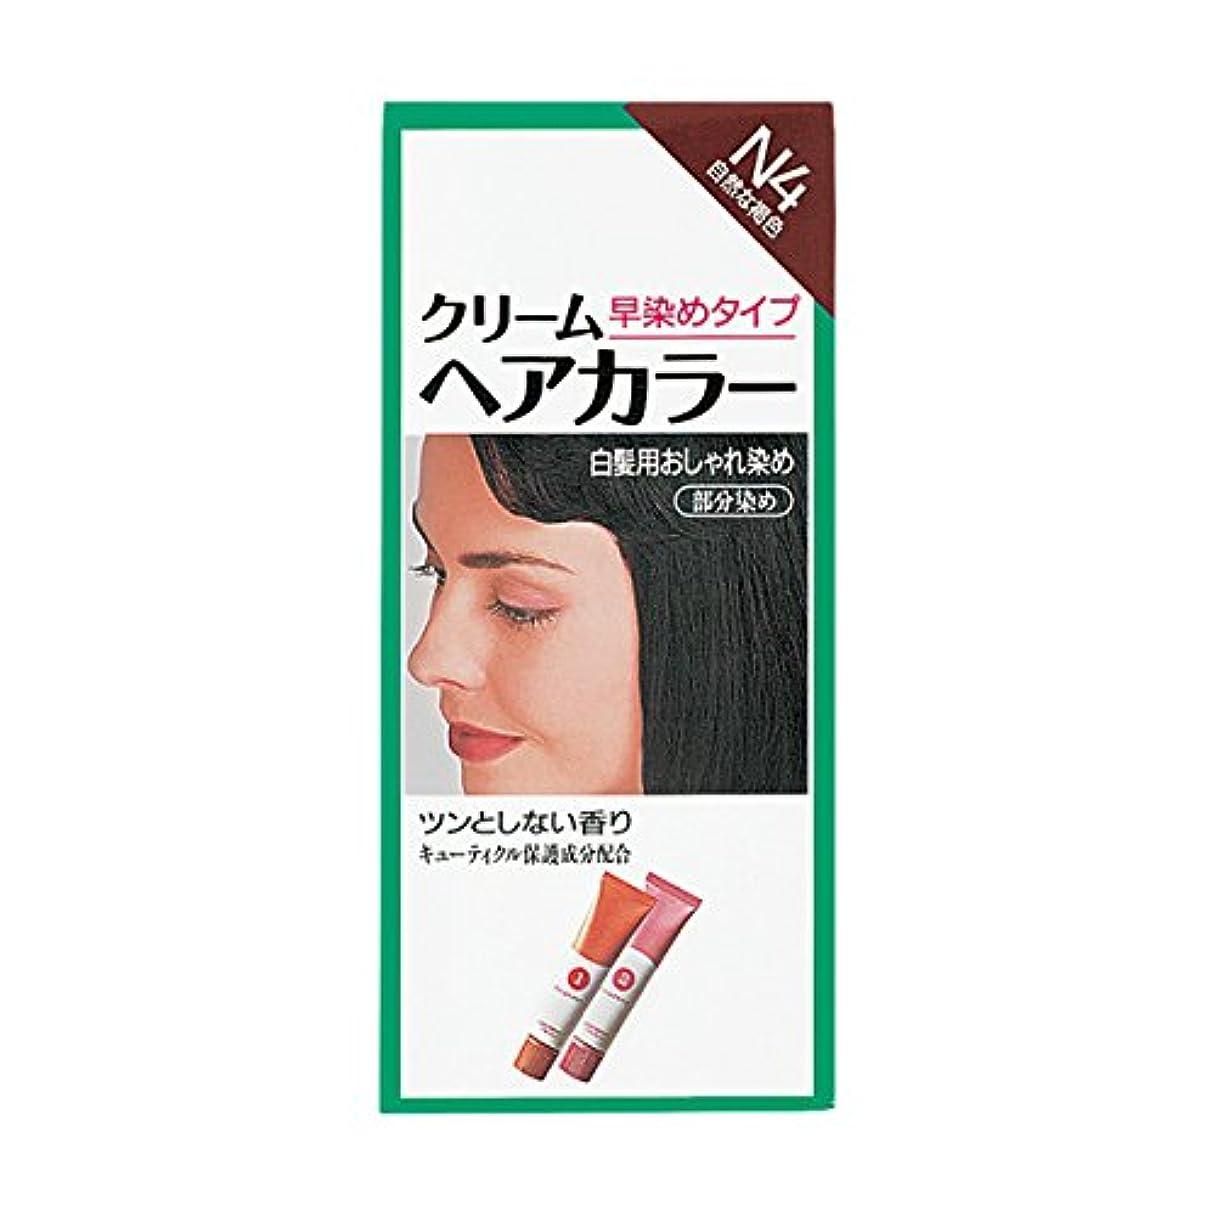 ぺディカブスプーン解明するヘアカラー クリームヘアカラーN N4 【医薬部外品】